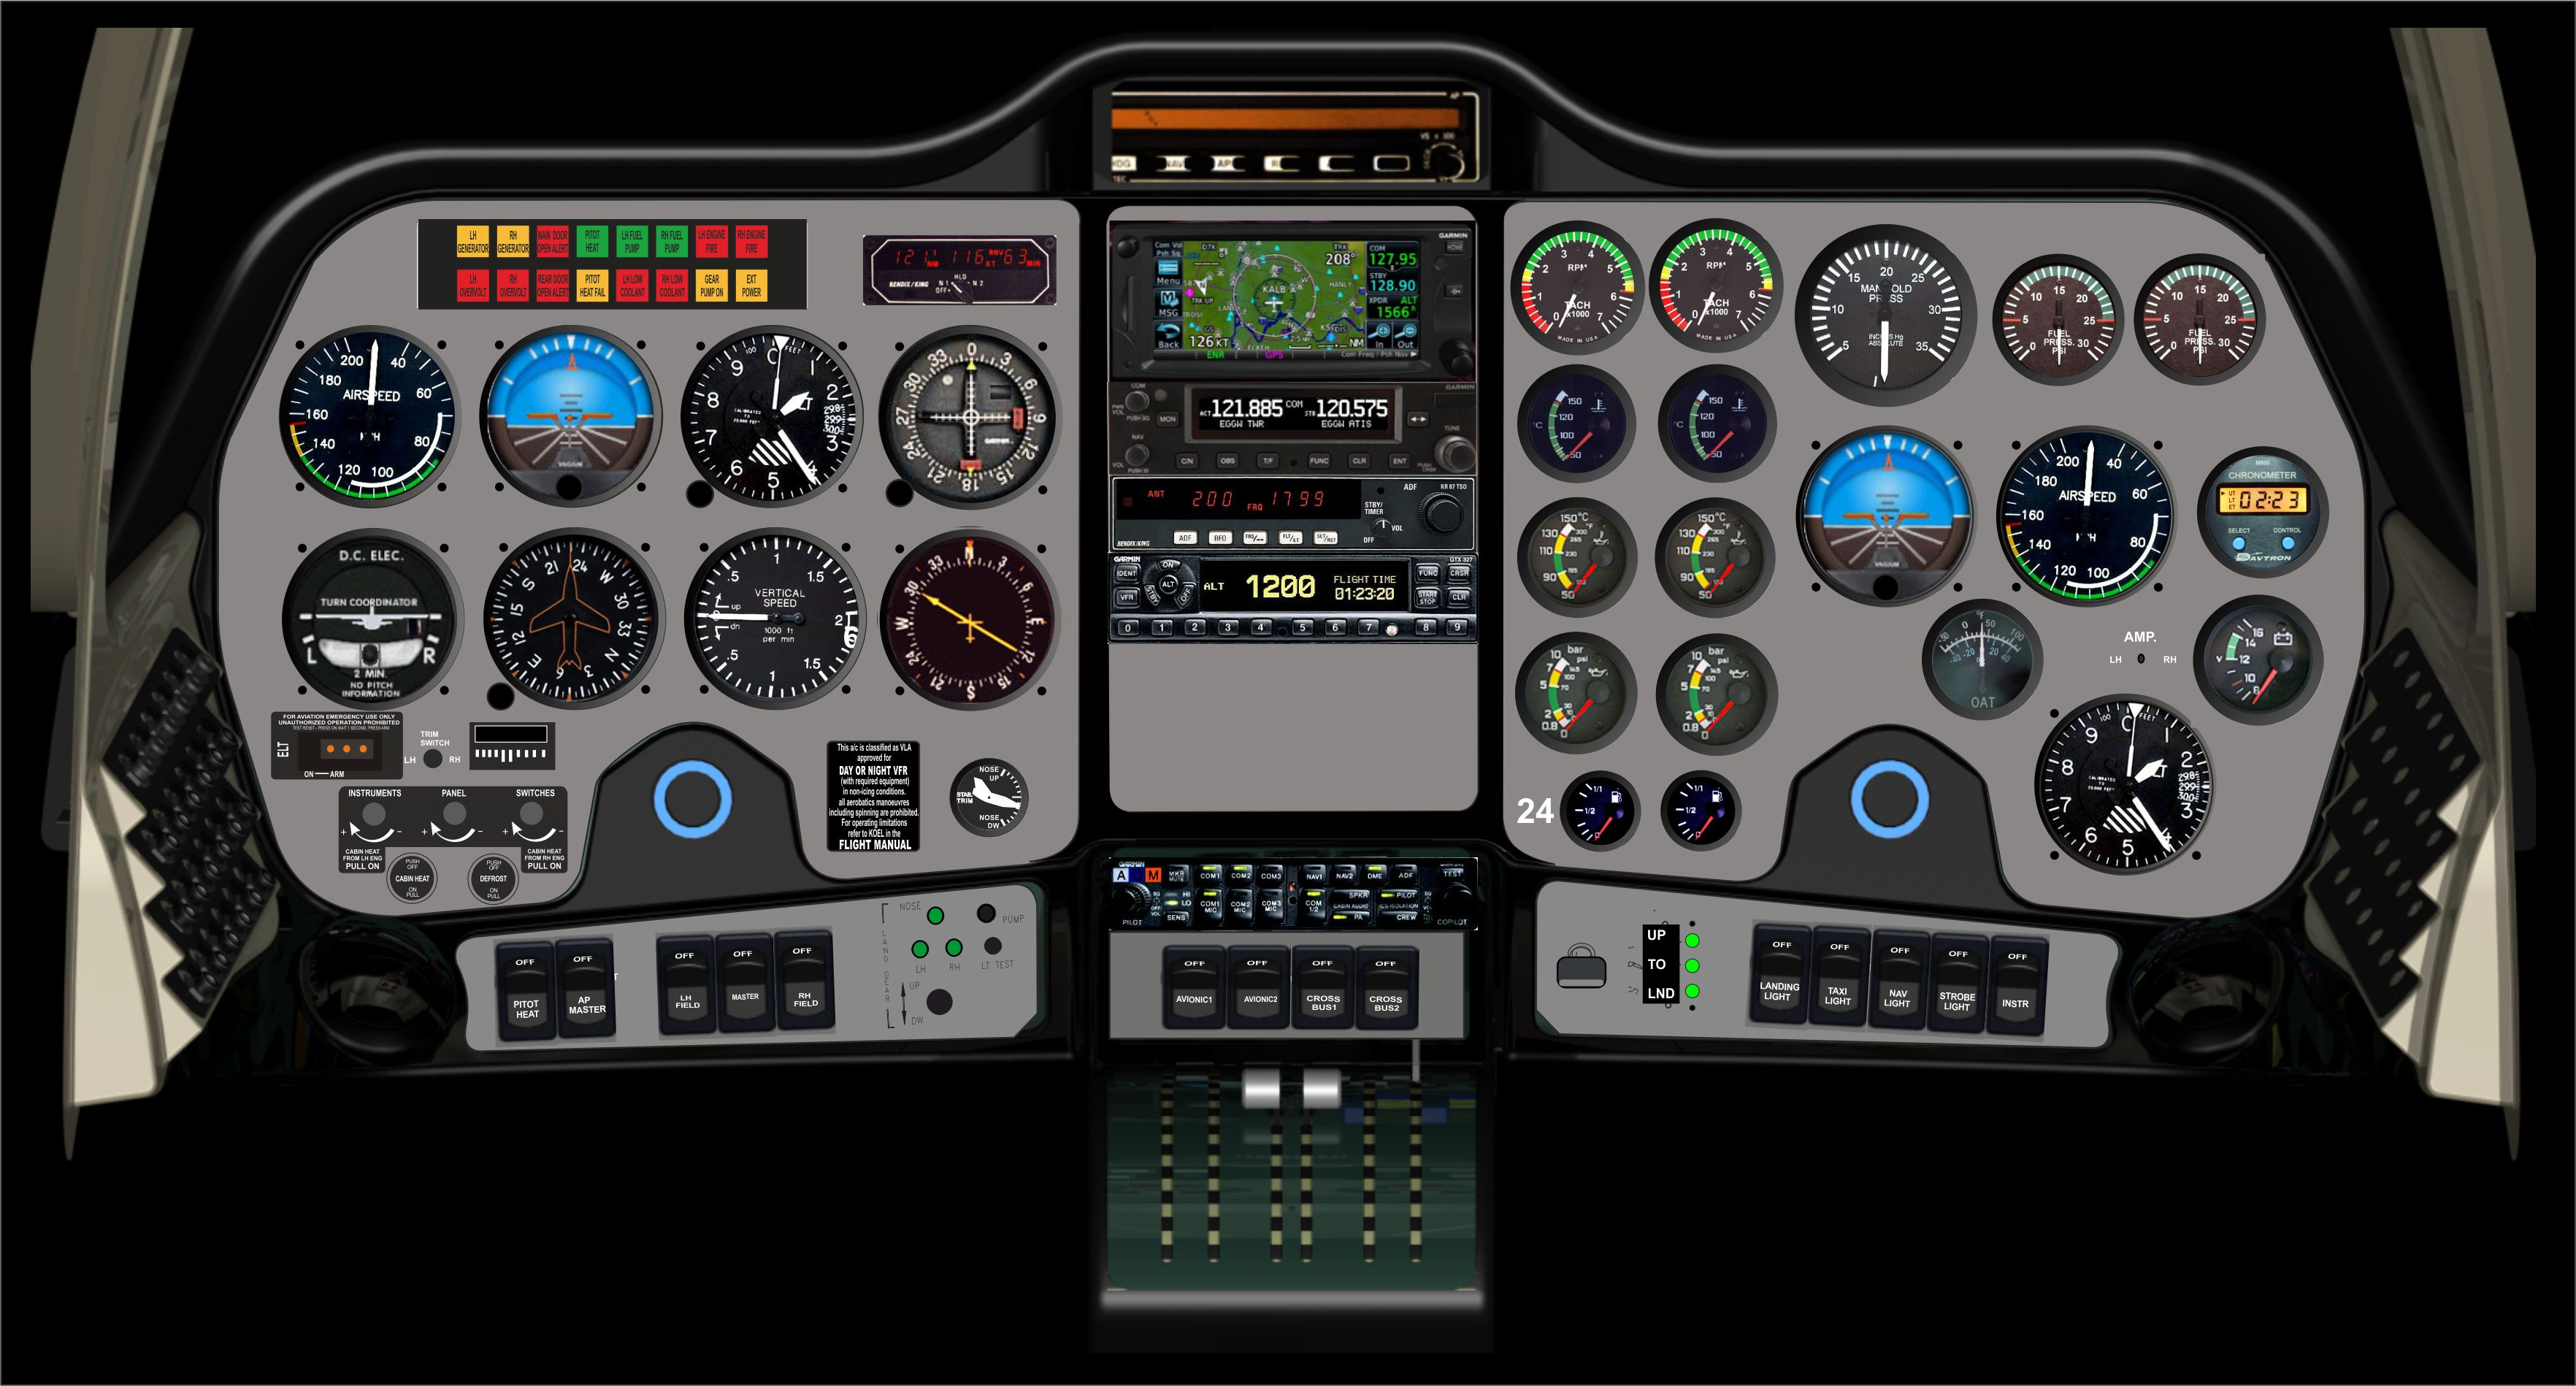 P2006T-Analogue Avionics